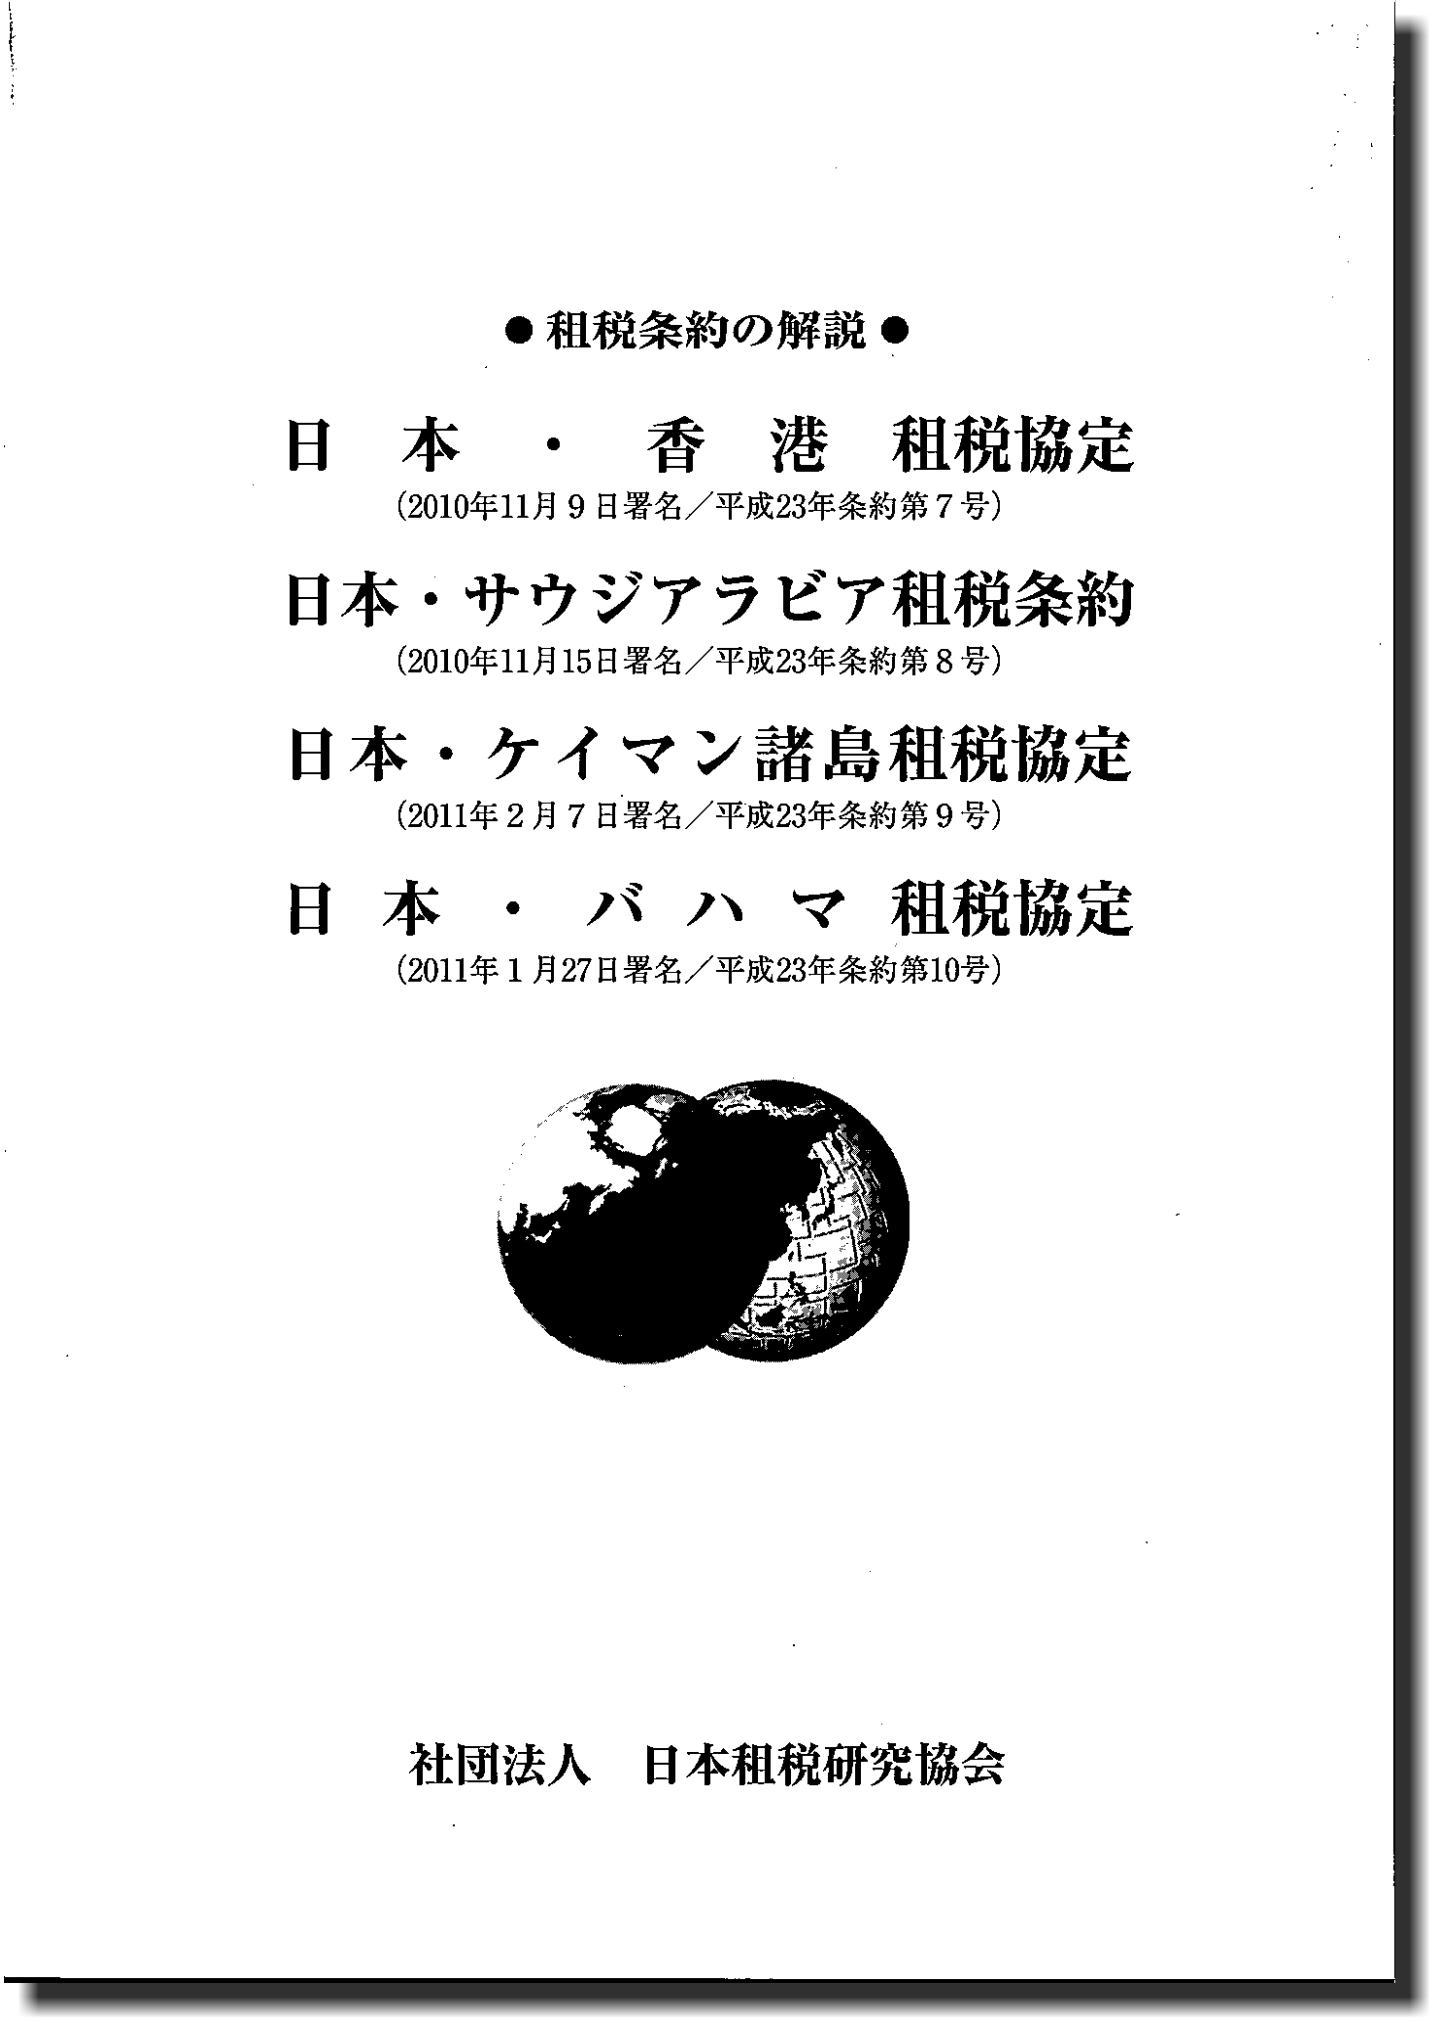 租税条約の解説 日本・香港租税協定 (2010年11月9日署名/平成23年条約第7号) 日本・サウジアラビア租税条約 (2010年11月15日署名/平成23年条約第8号)  日本・ケイマン諸島租税協定 (2011年2月7日署名/平成23年条約第9号) 日本・バハマ租税協定 (2011年1月27日署名/平成23年条約第10号)